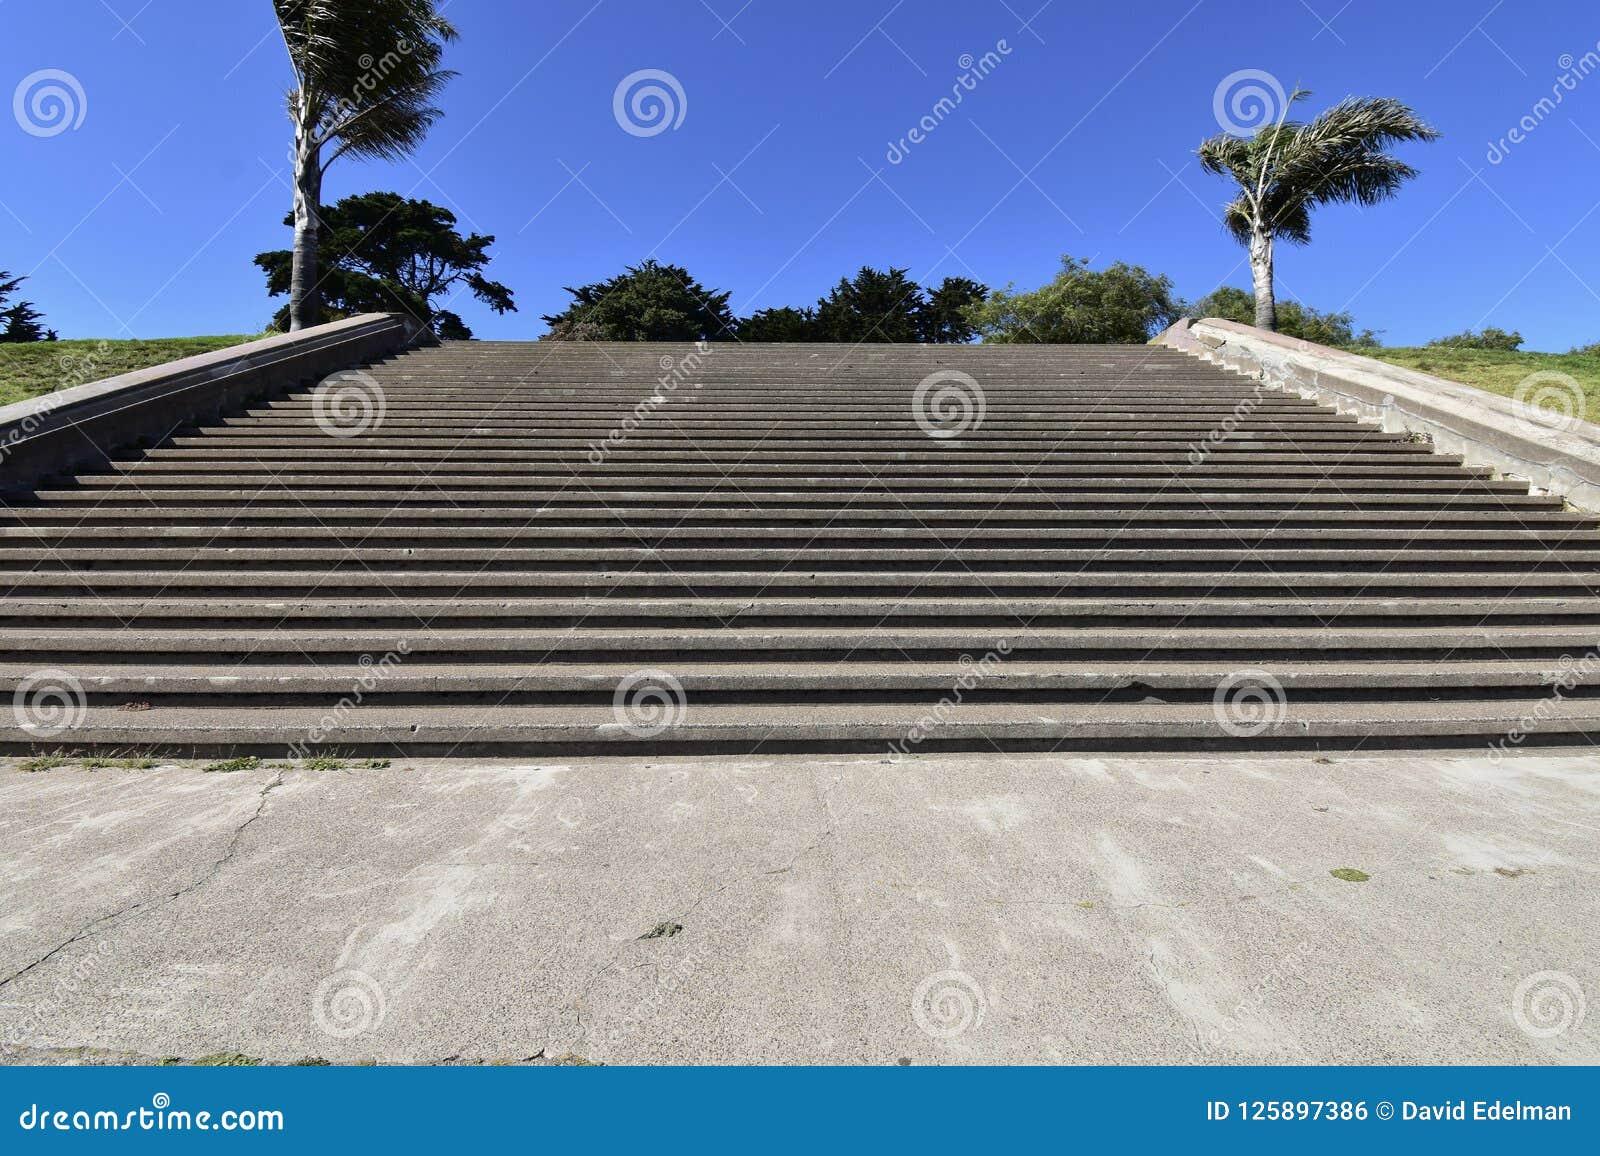 电影损坏了亚尔他广场公园,第3步